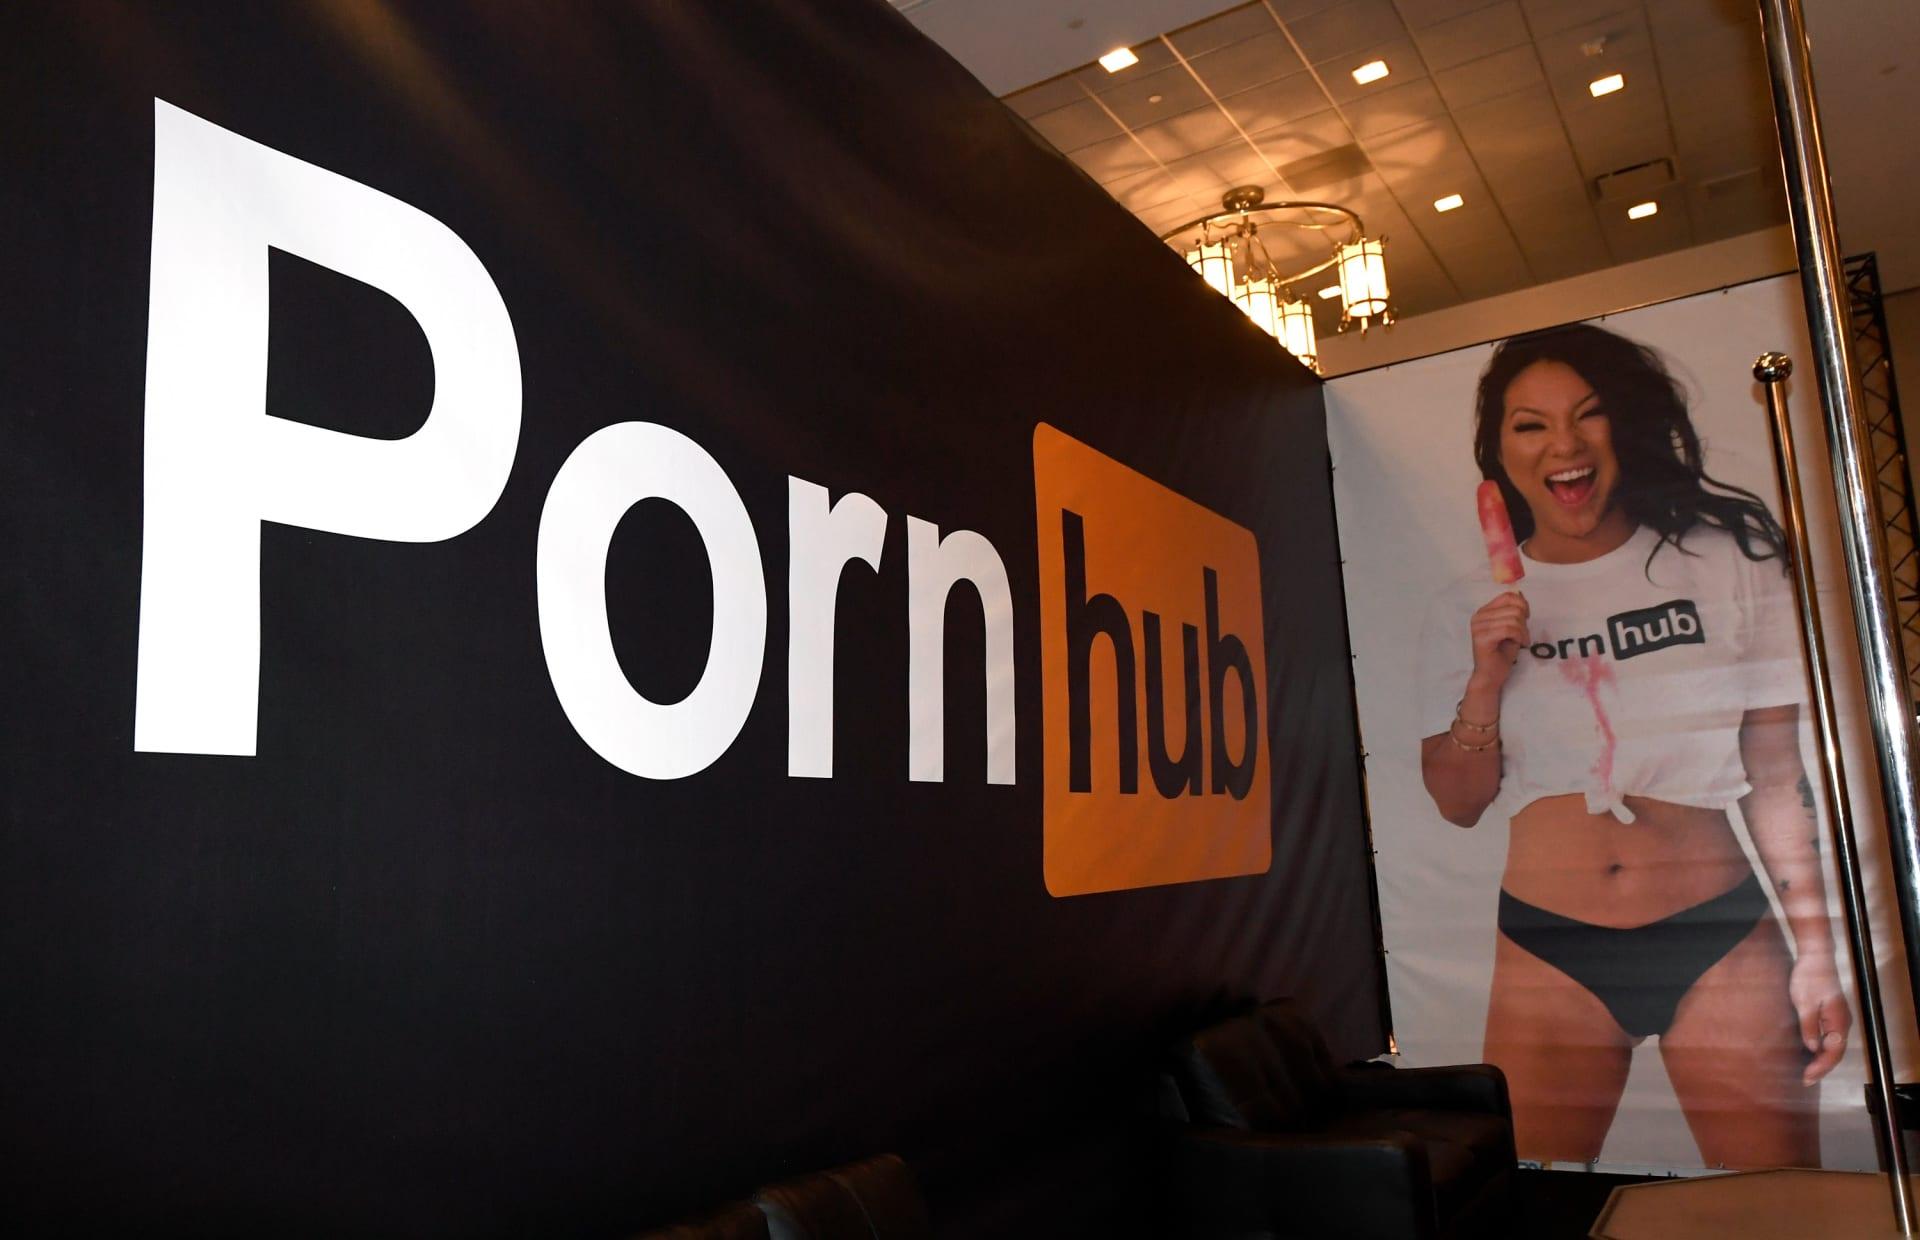 صورة أرشيفية لإحدى نجمات الموقع الإباحي بورن هاب في لاس فيغاس العام 2018